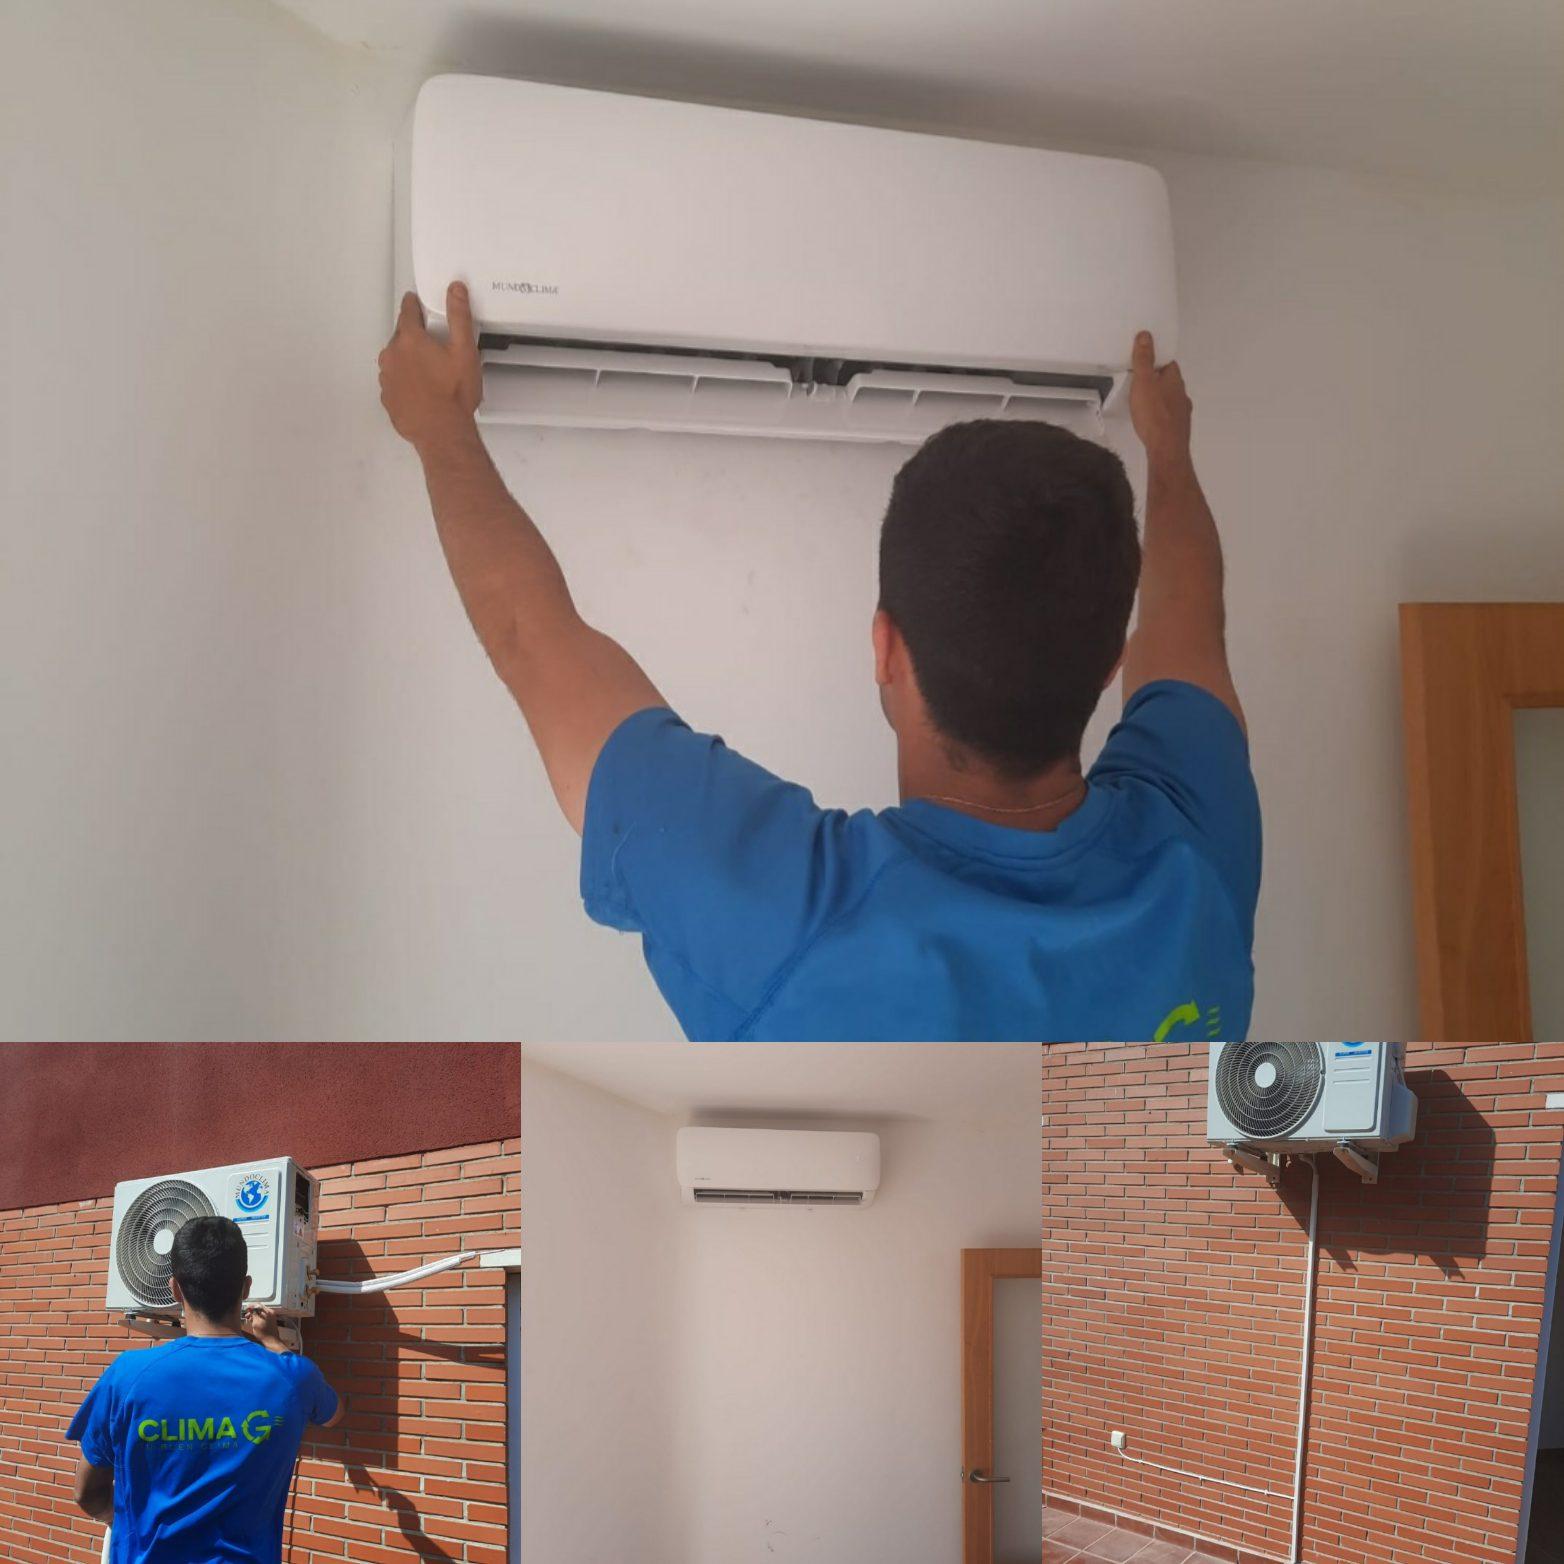 Climagadea instalacion de aires acondicionados en Alicante